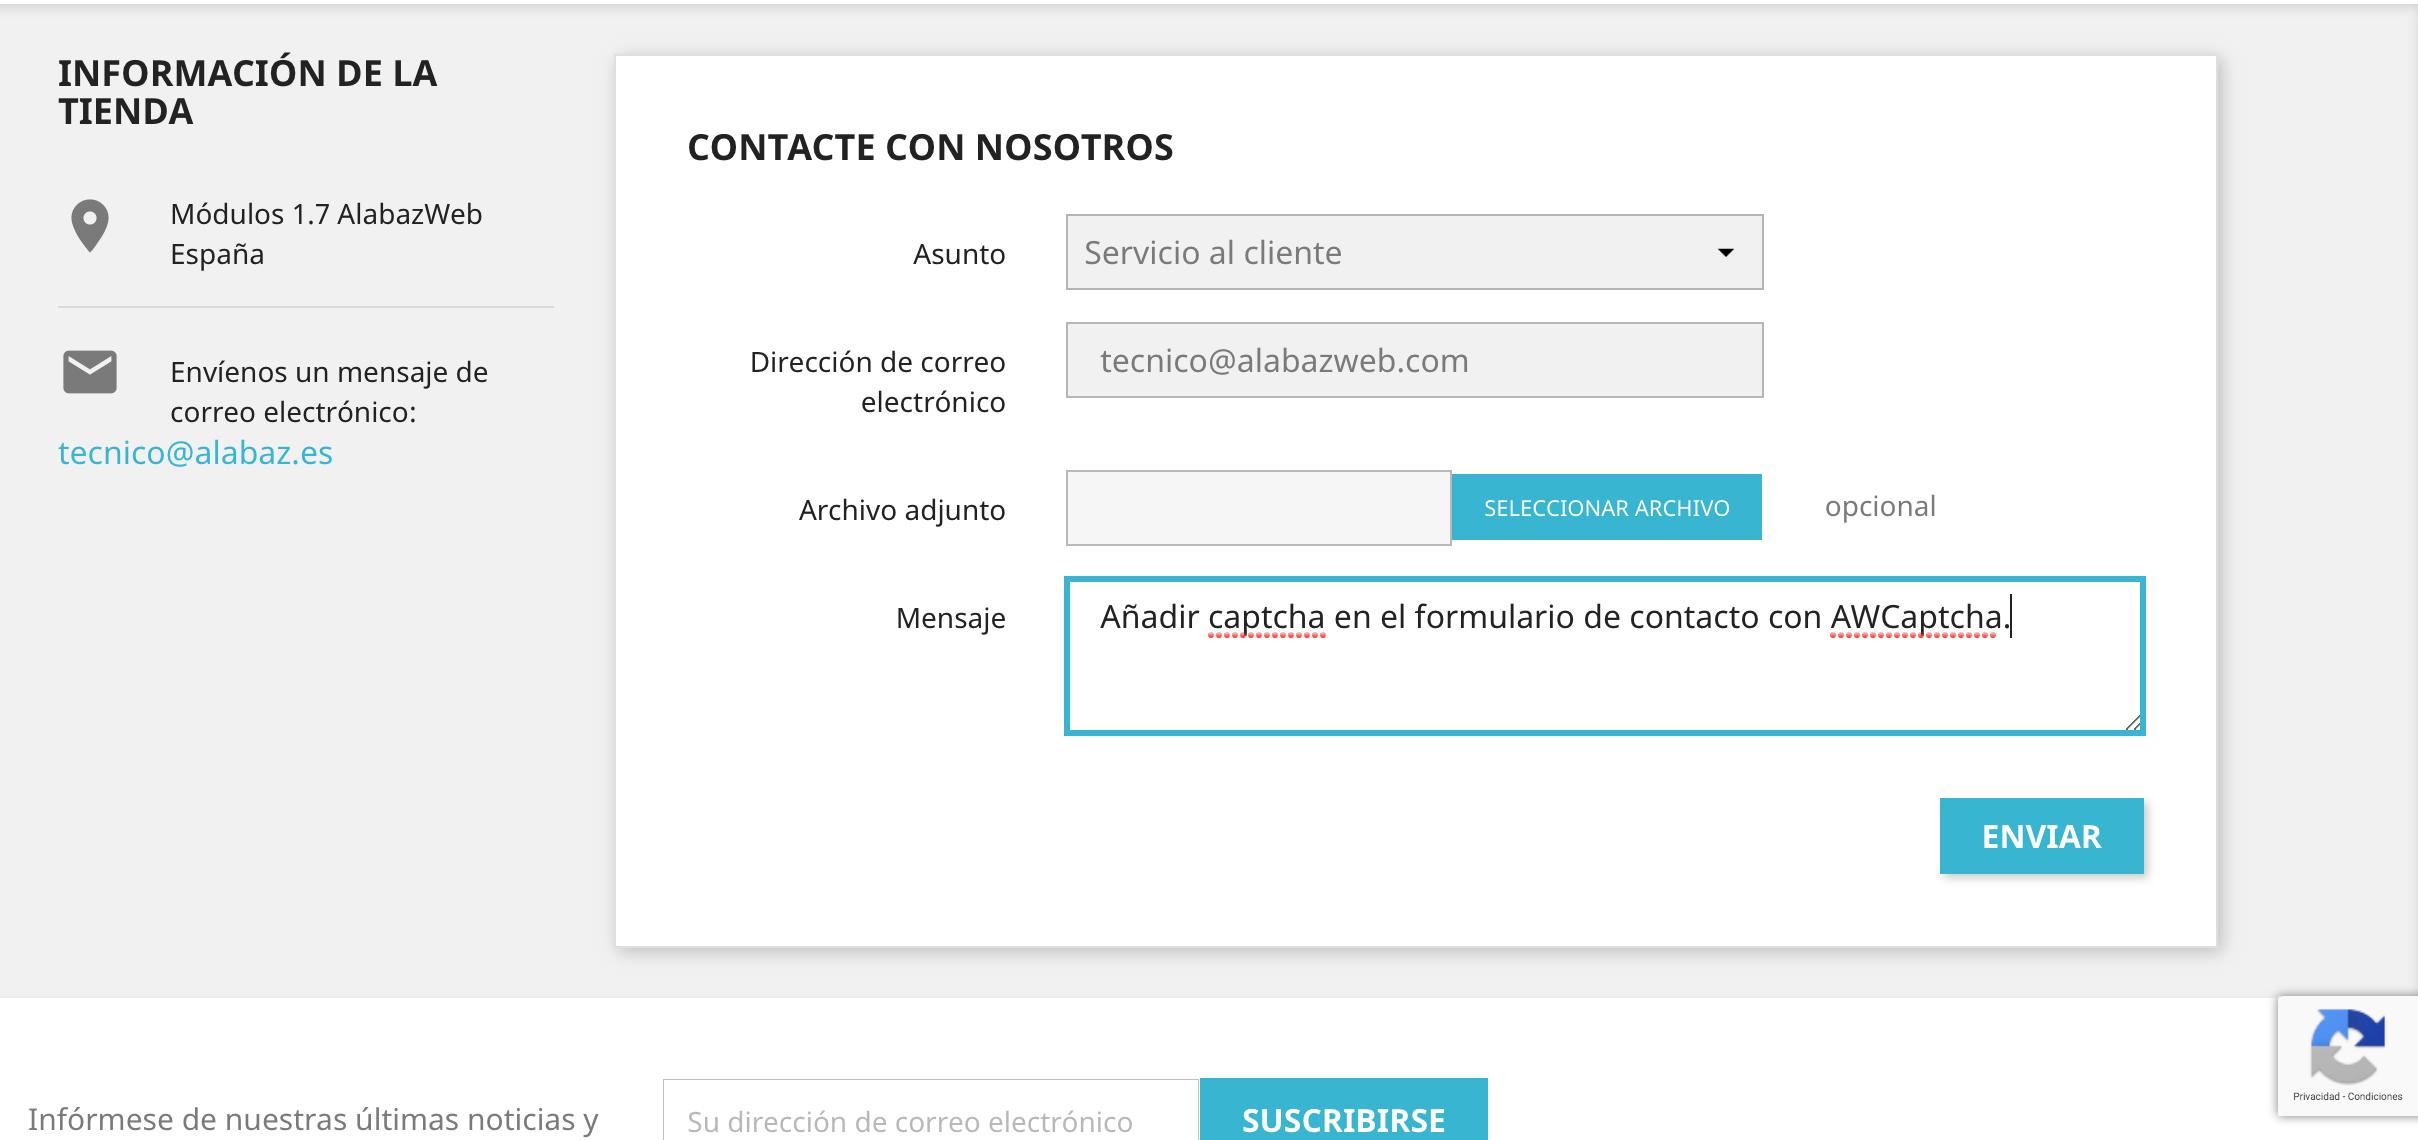 icono de captcha en el formulario de contacto para evitar spam